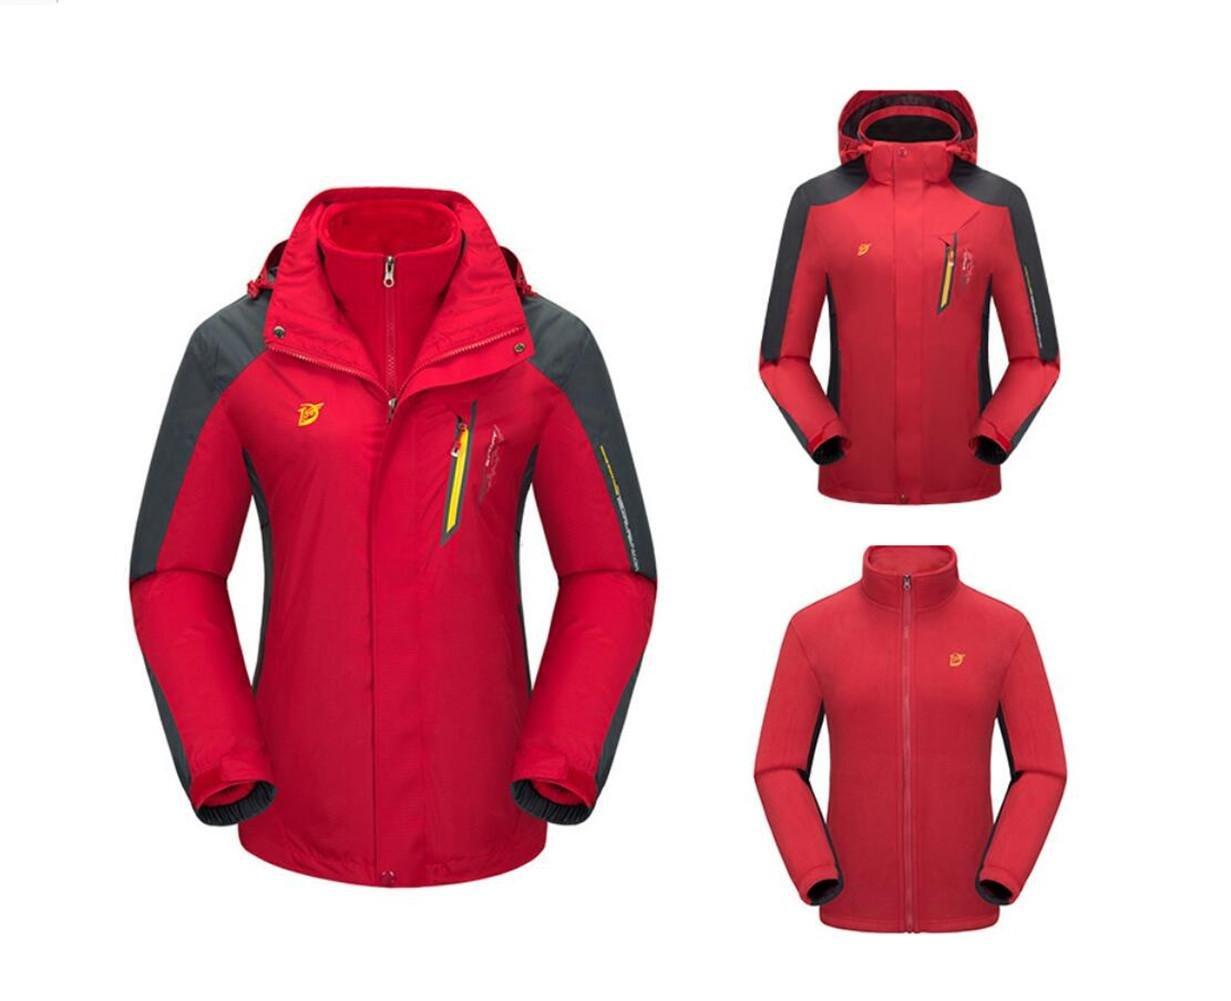 XLHGG Soft Shell giacche da donna Giacca da sci 3-in-1 due pezzi cappuccio staccabile può essere in